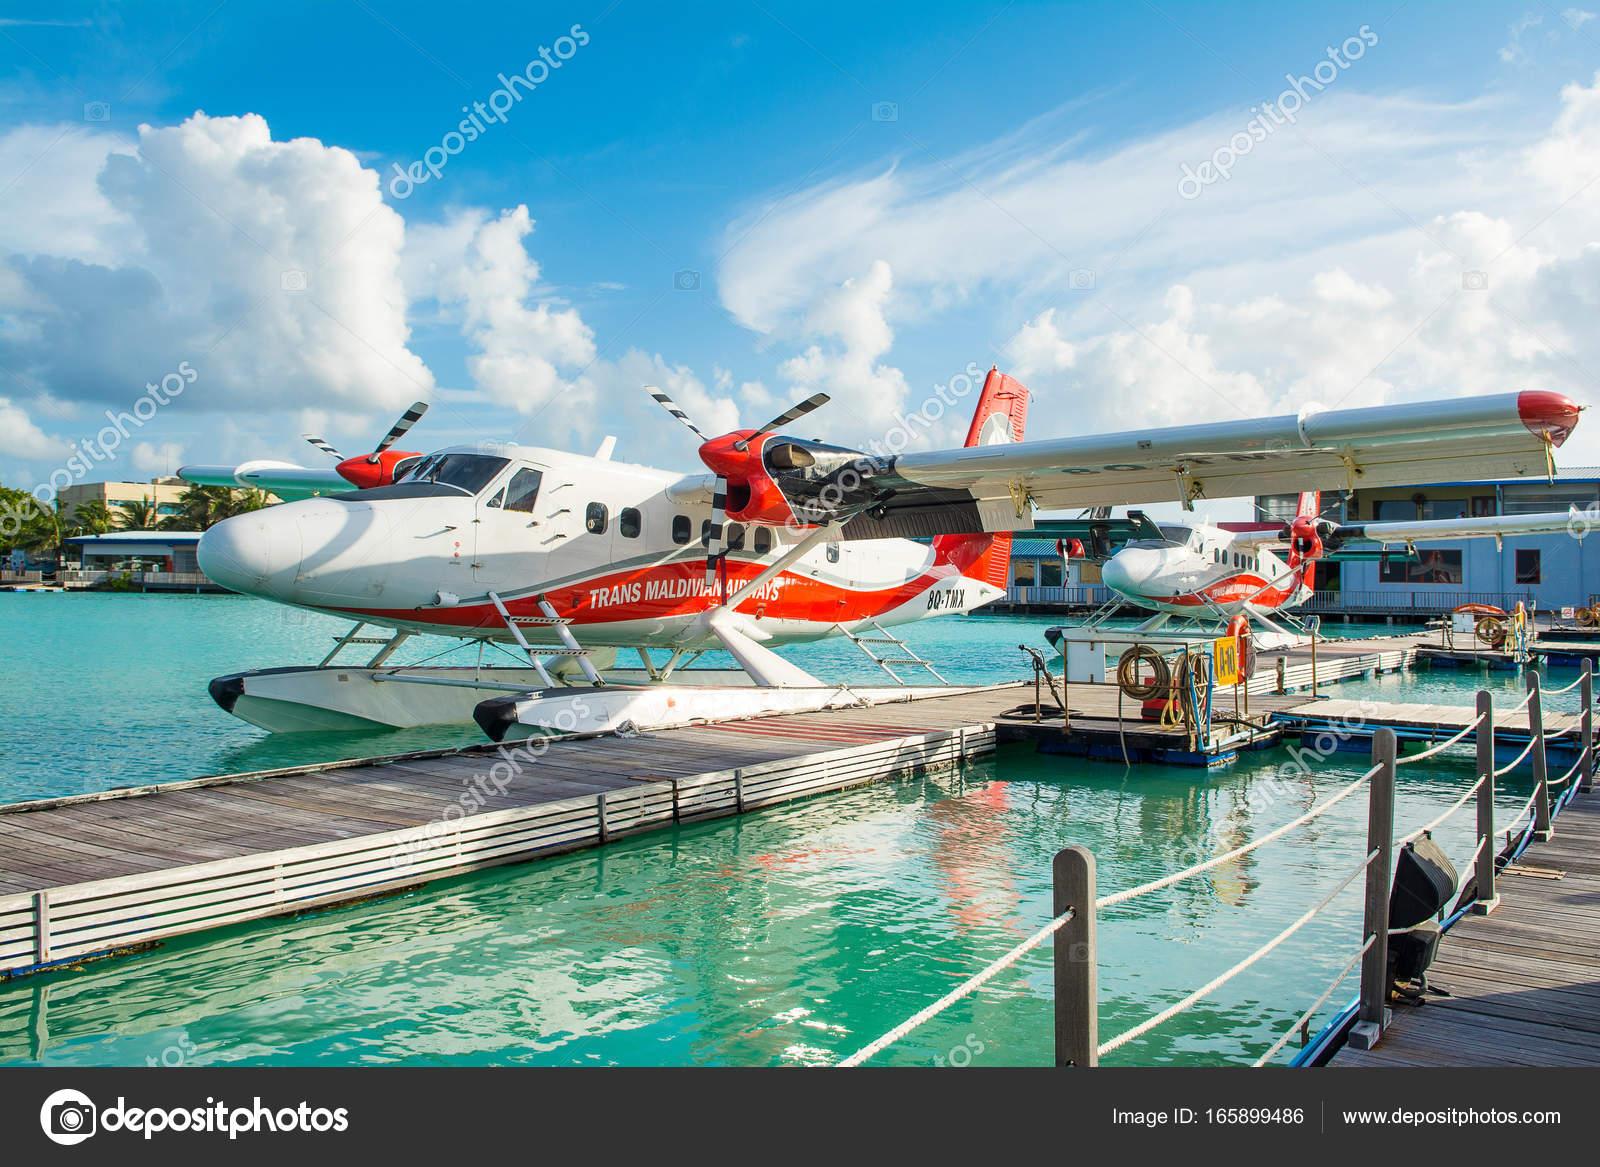 Aeroporto Male Maldive : Malé maldive luglio hydroplane vicino molo legno presso